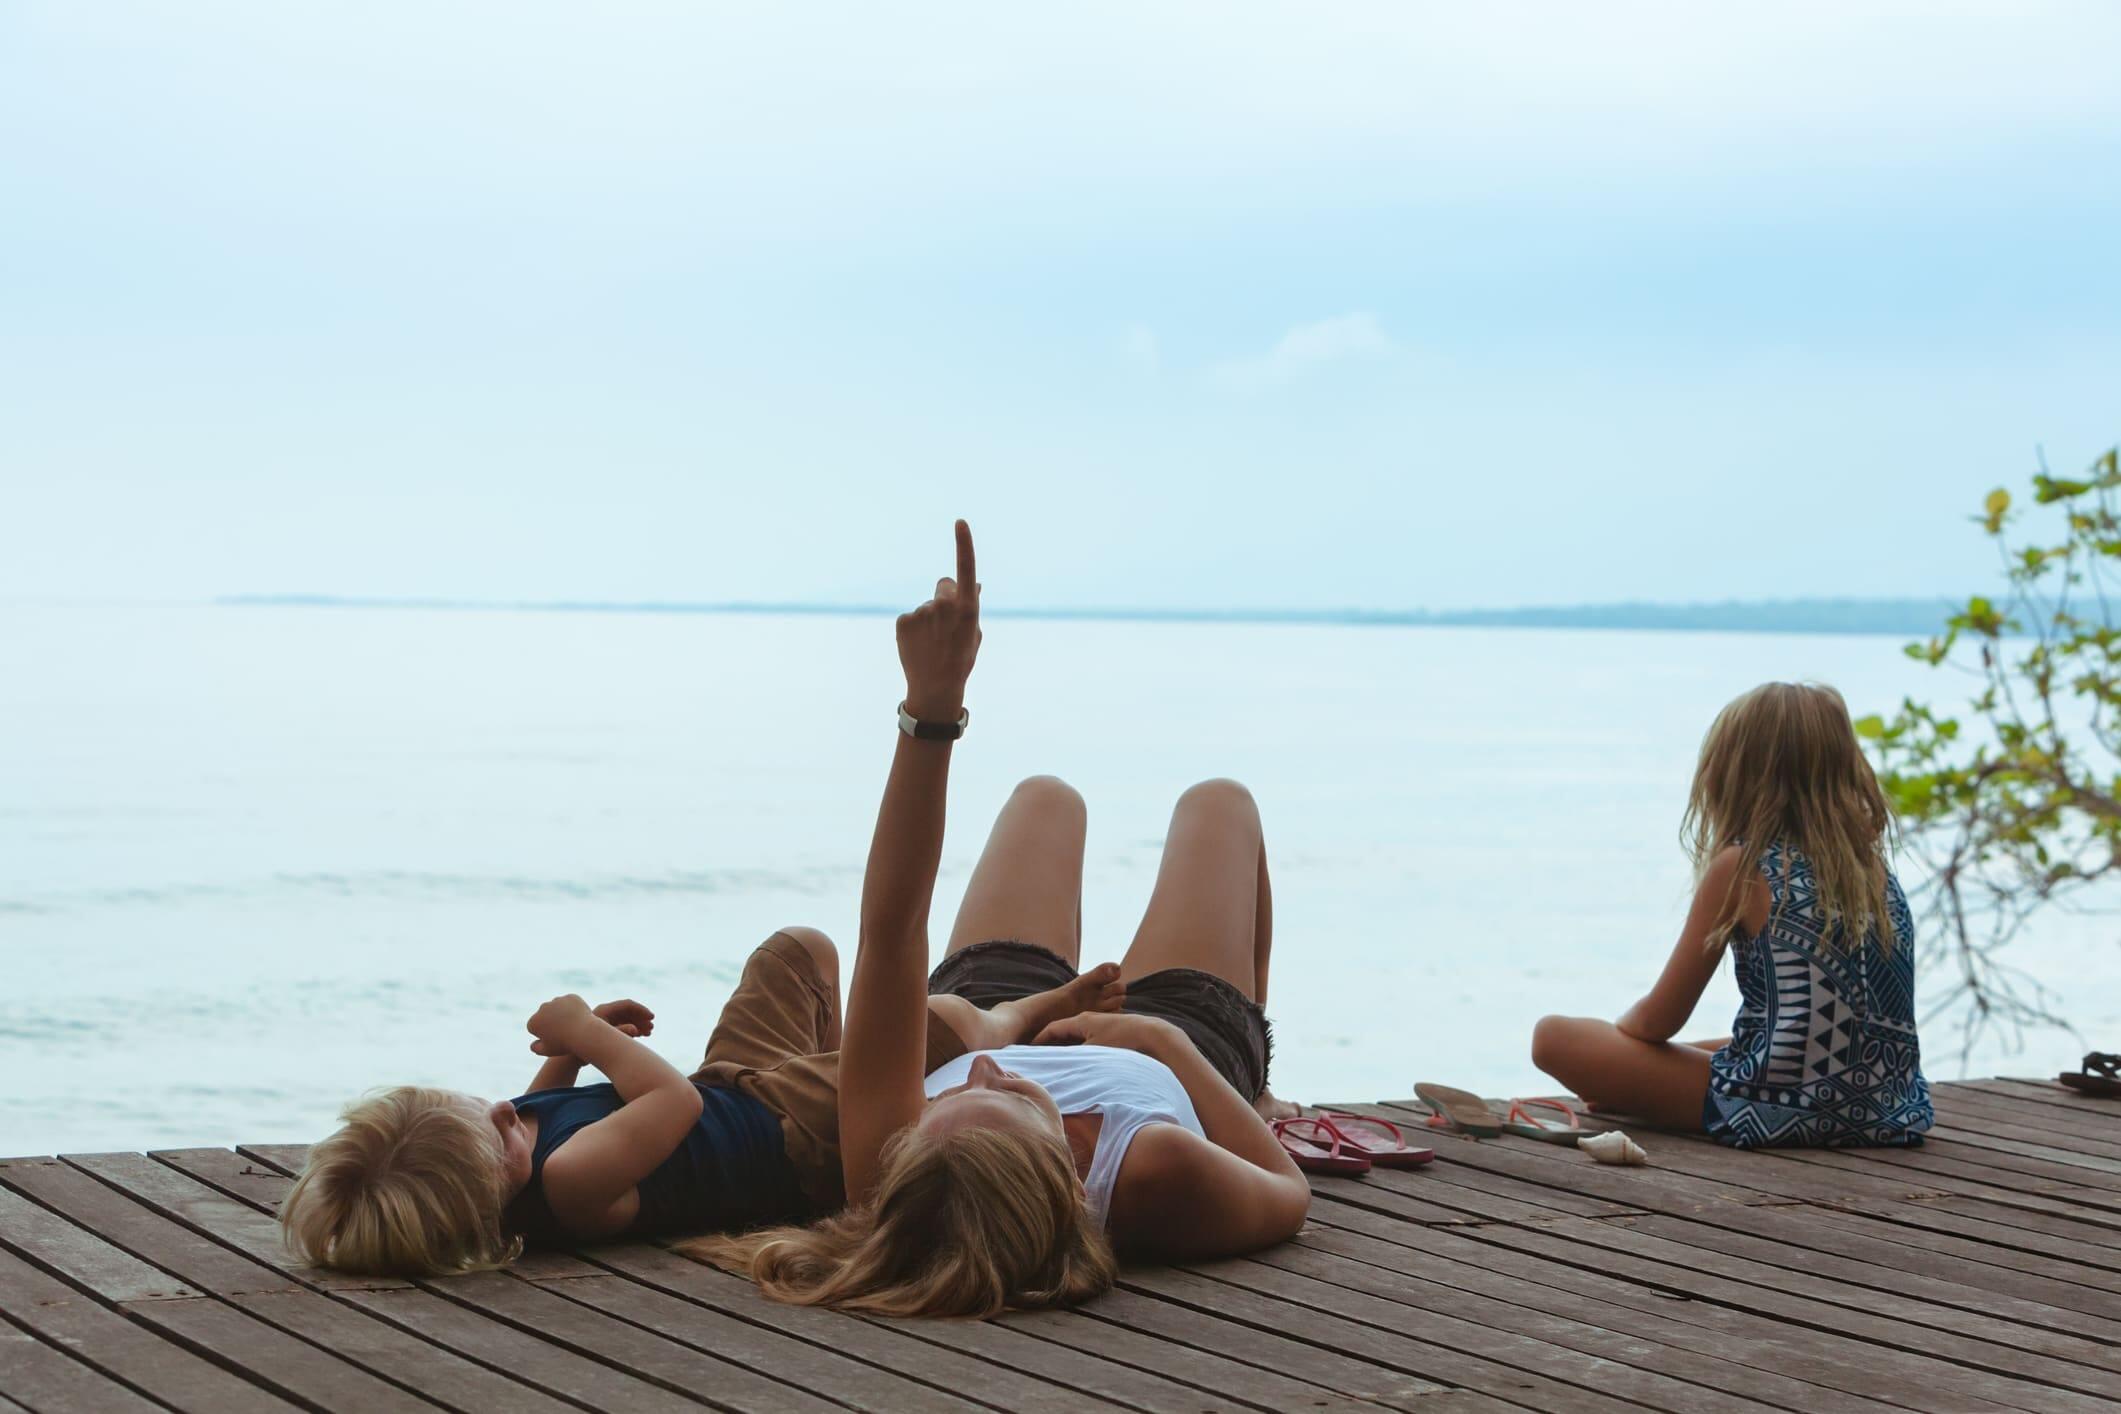 Family relaxing on dock